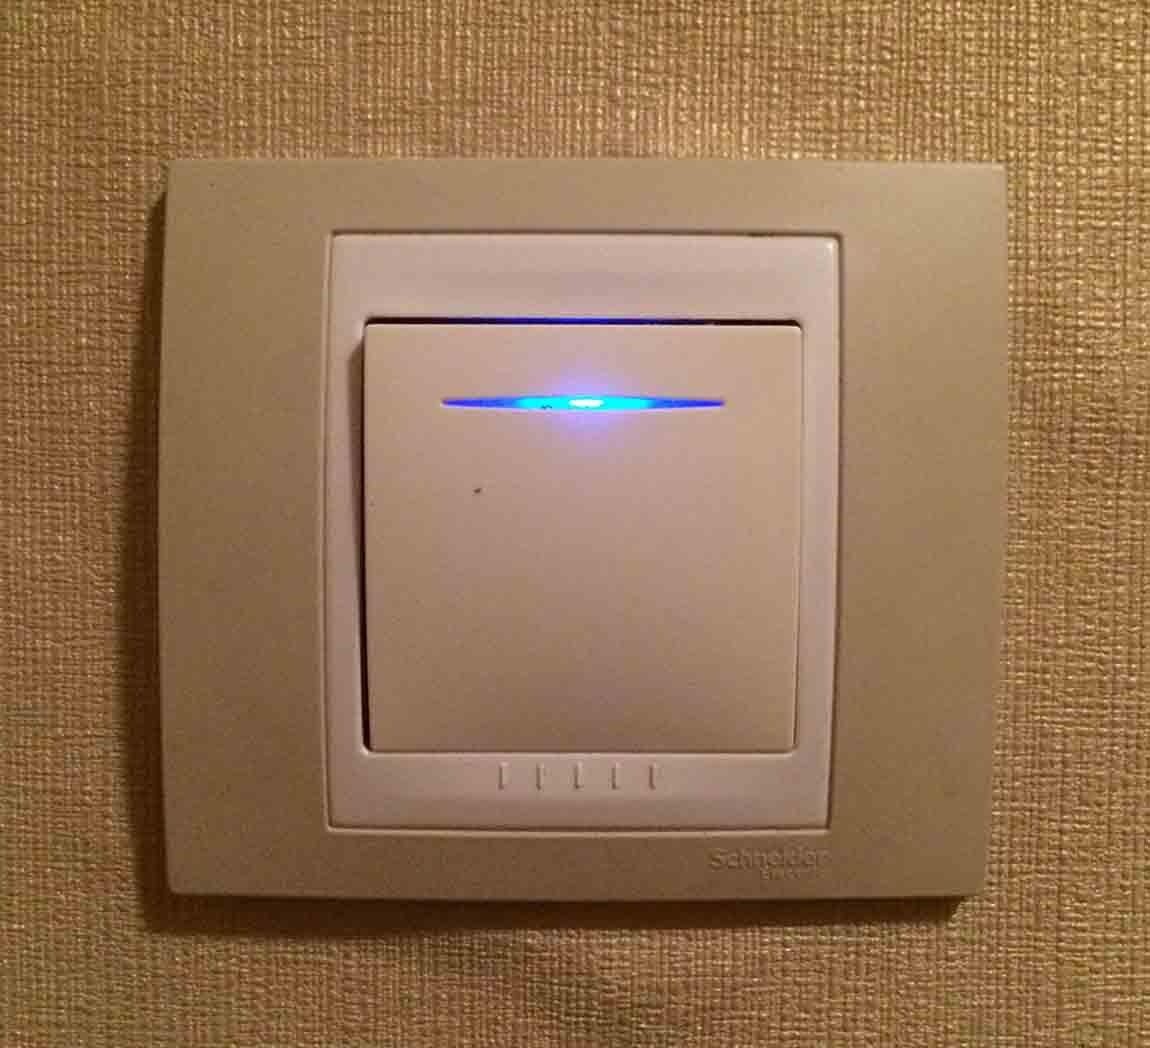 Индикаторный выключатель марки Shneider Electric